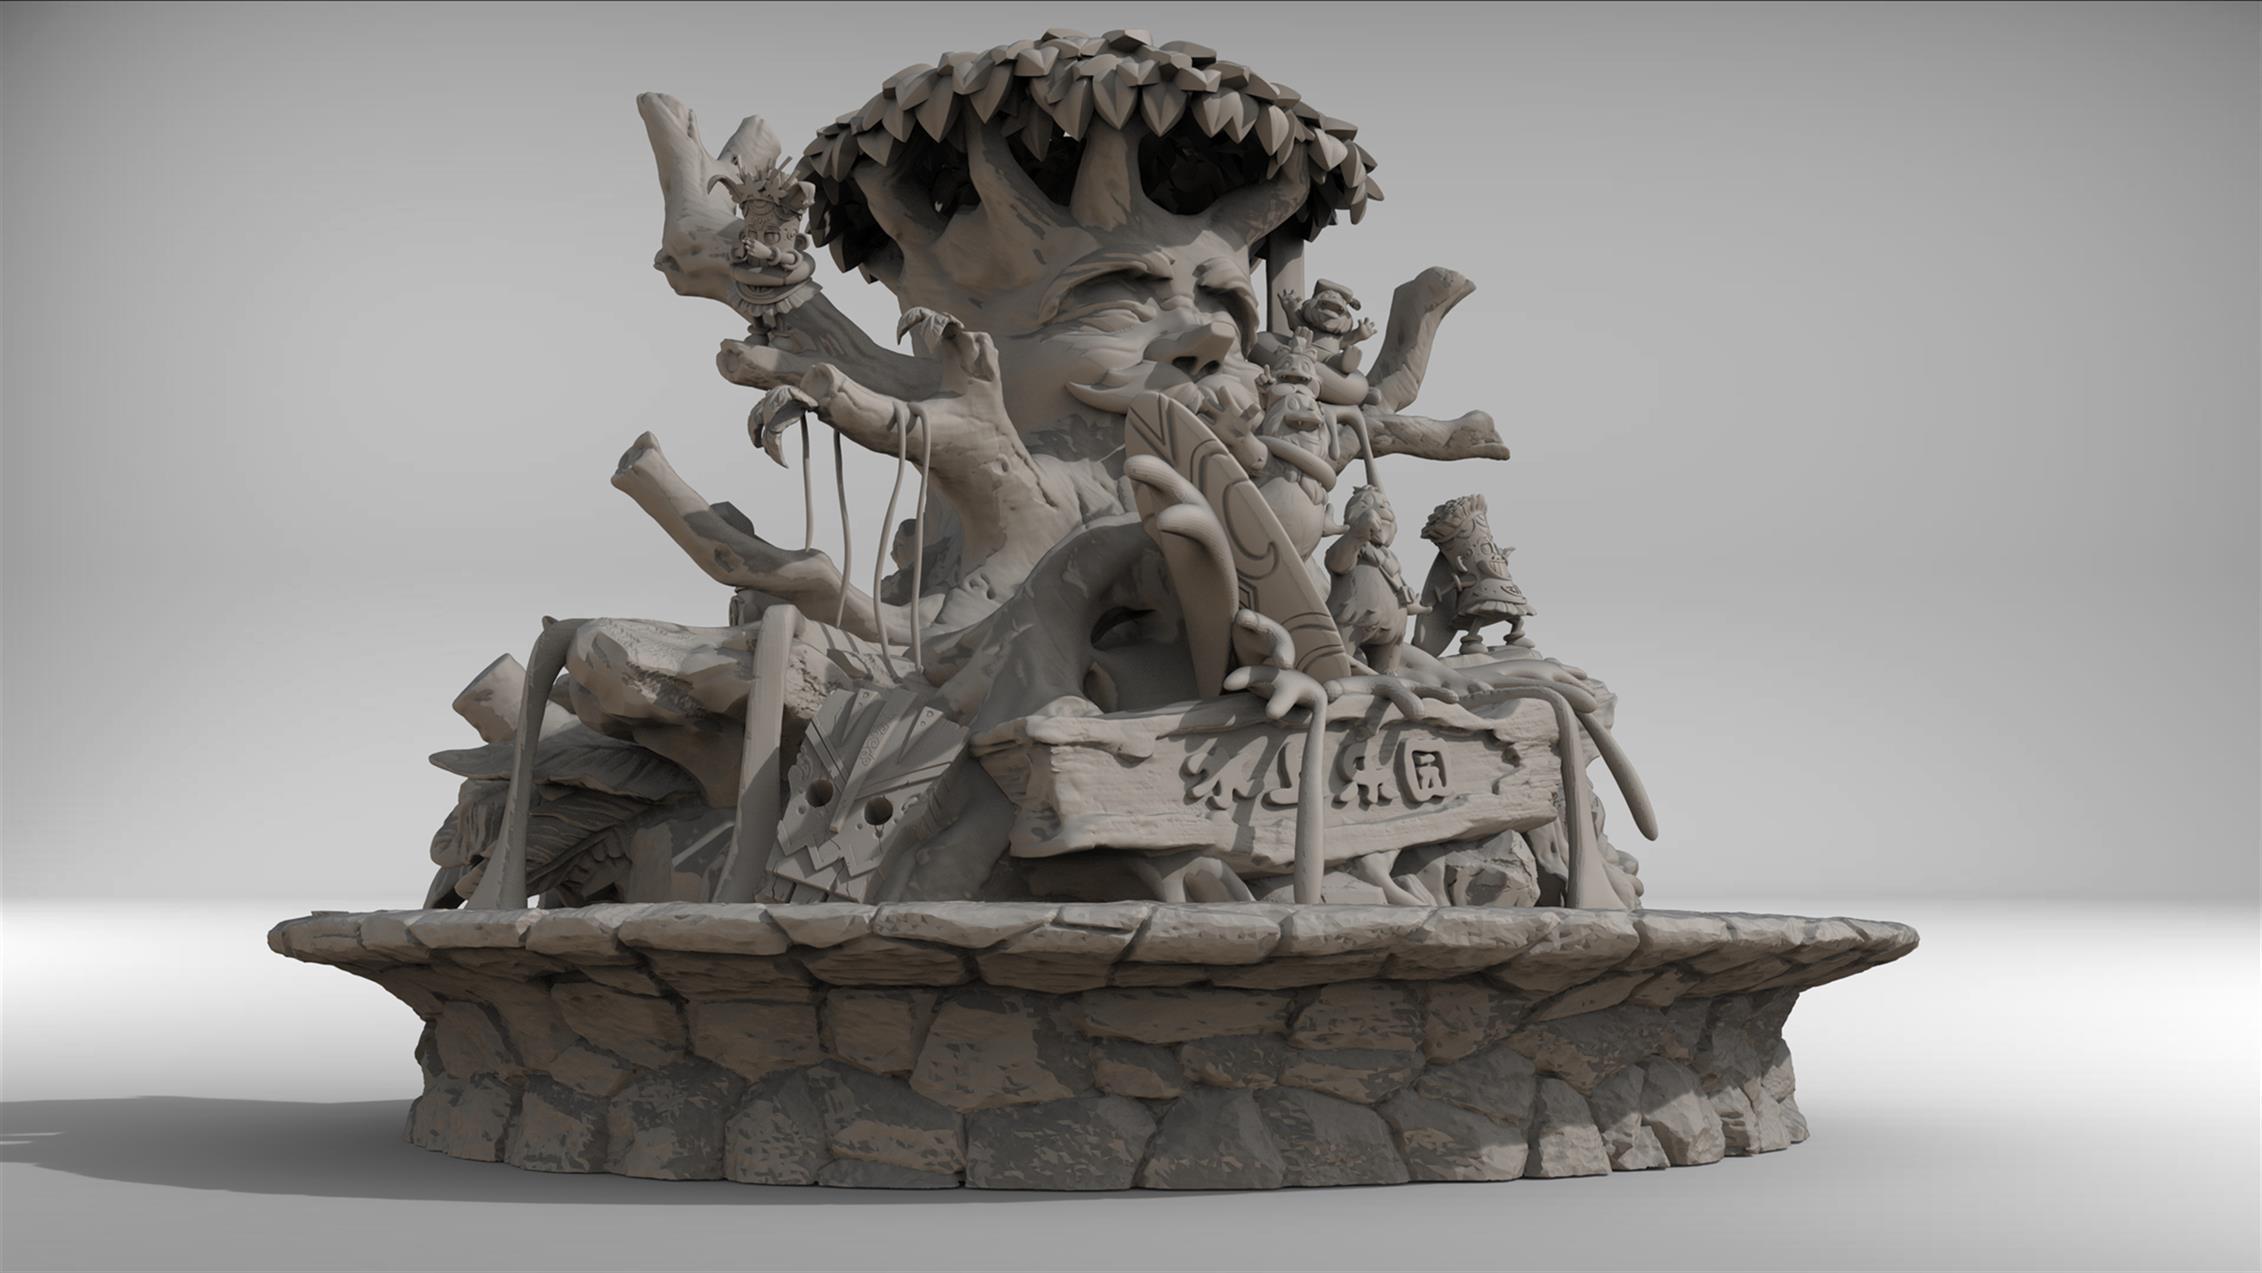 肇庆雕塑公司报价 工程案例多 经验足